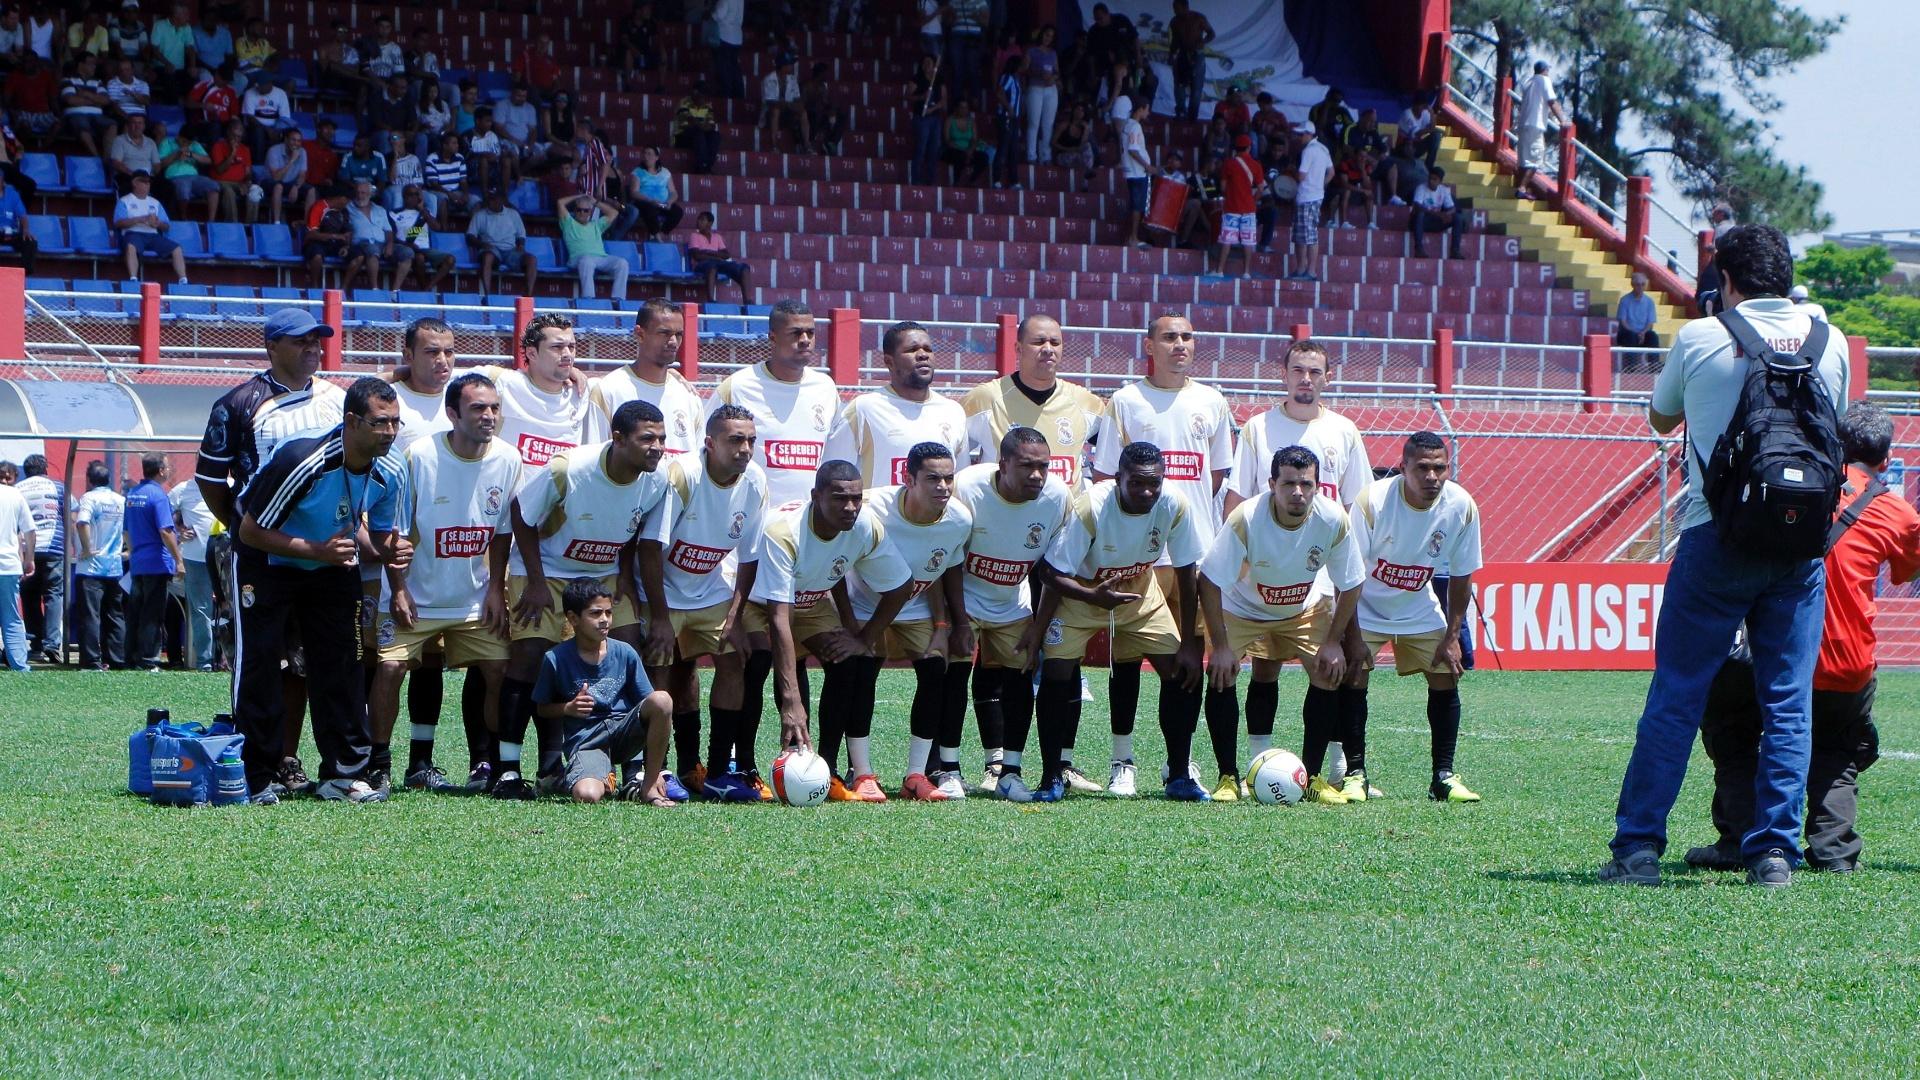 Equipe do Real Madri posa para foto antes da partida contra o Internacional no Campo do Nacional pela série B